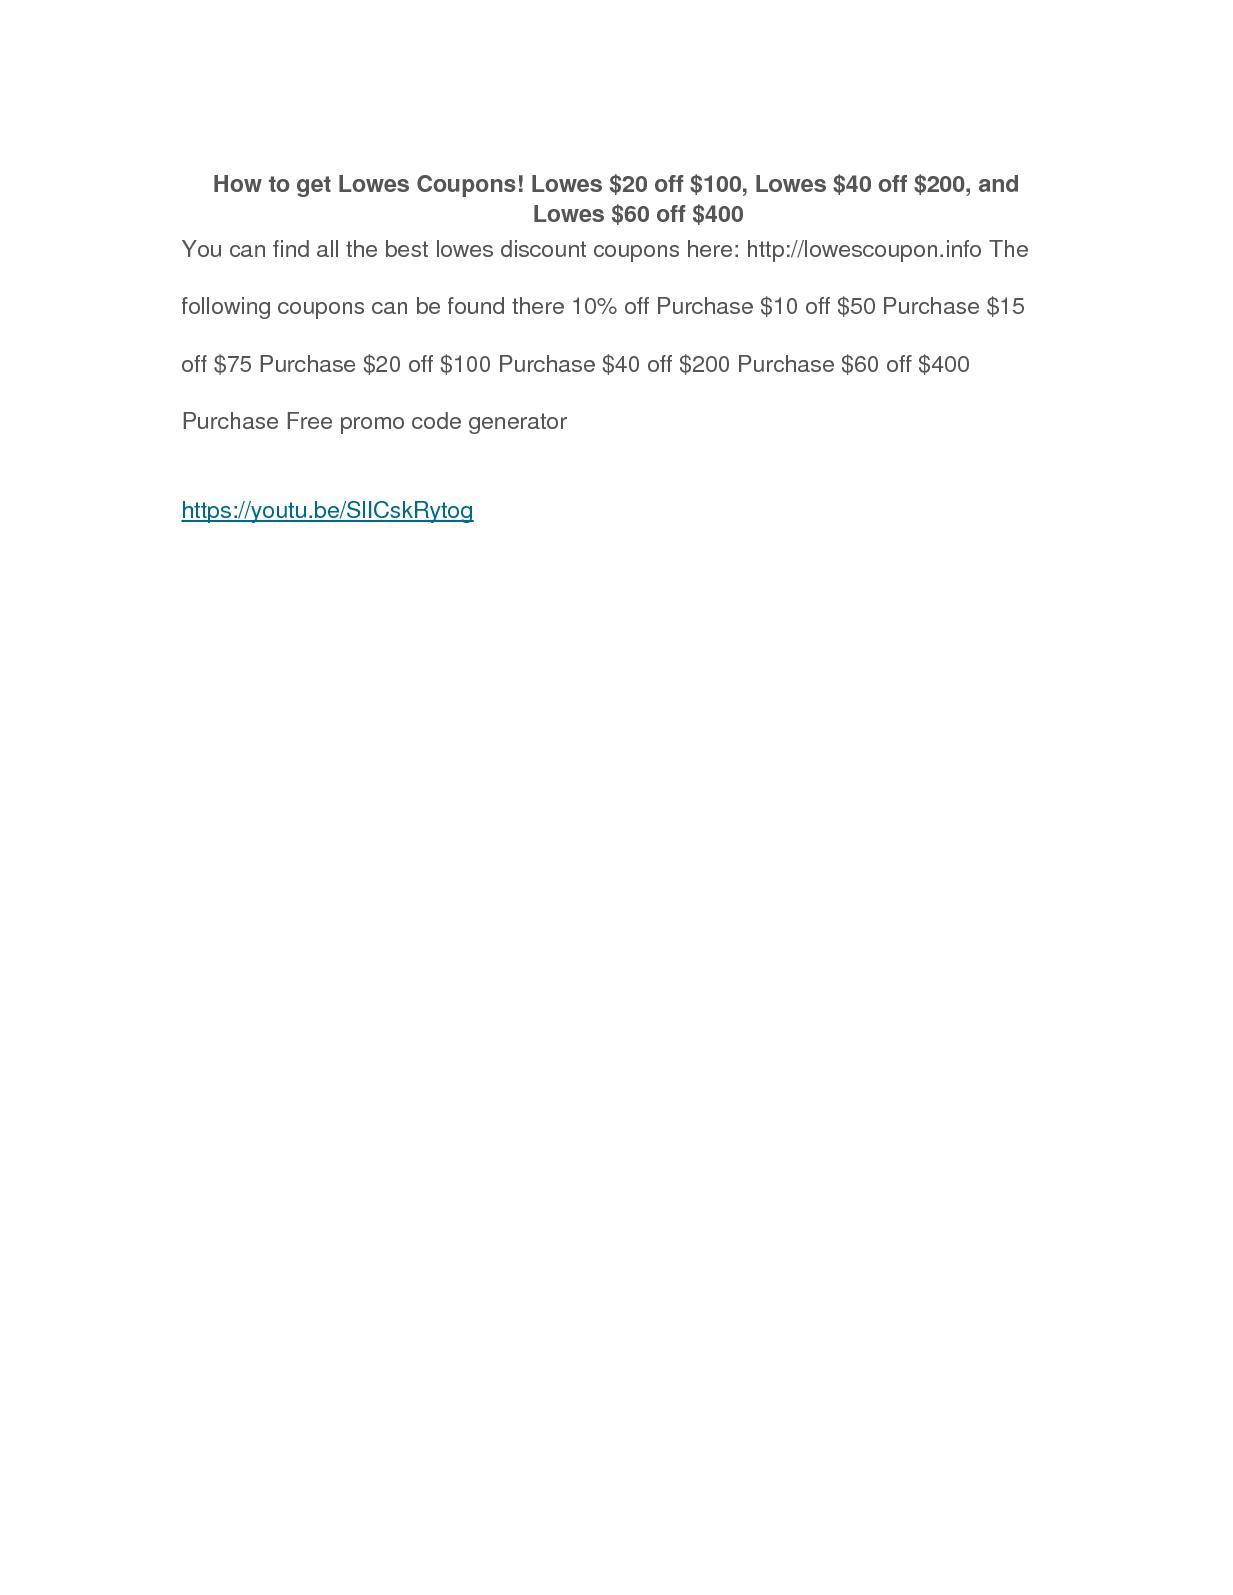 was registered forum